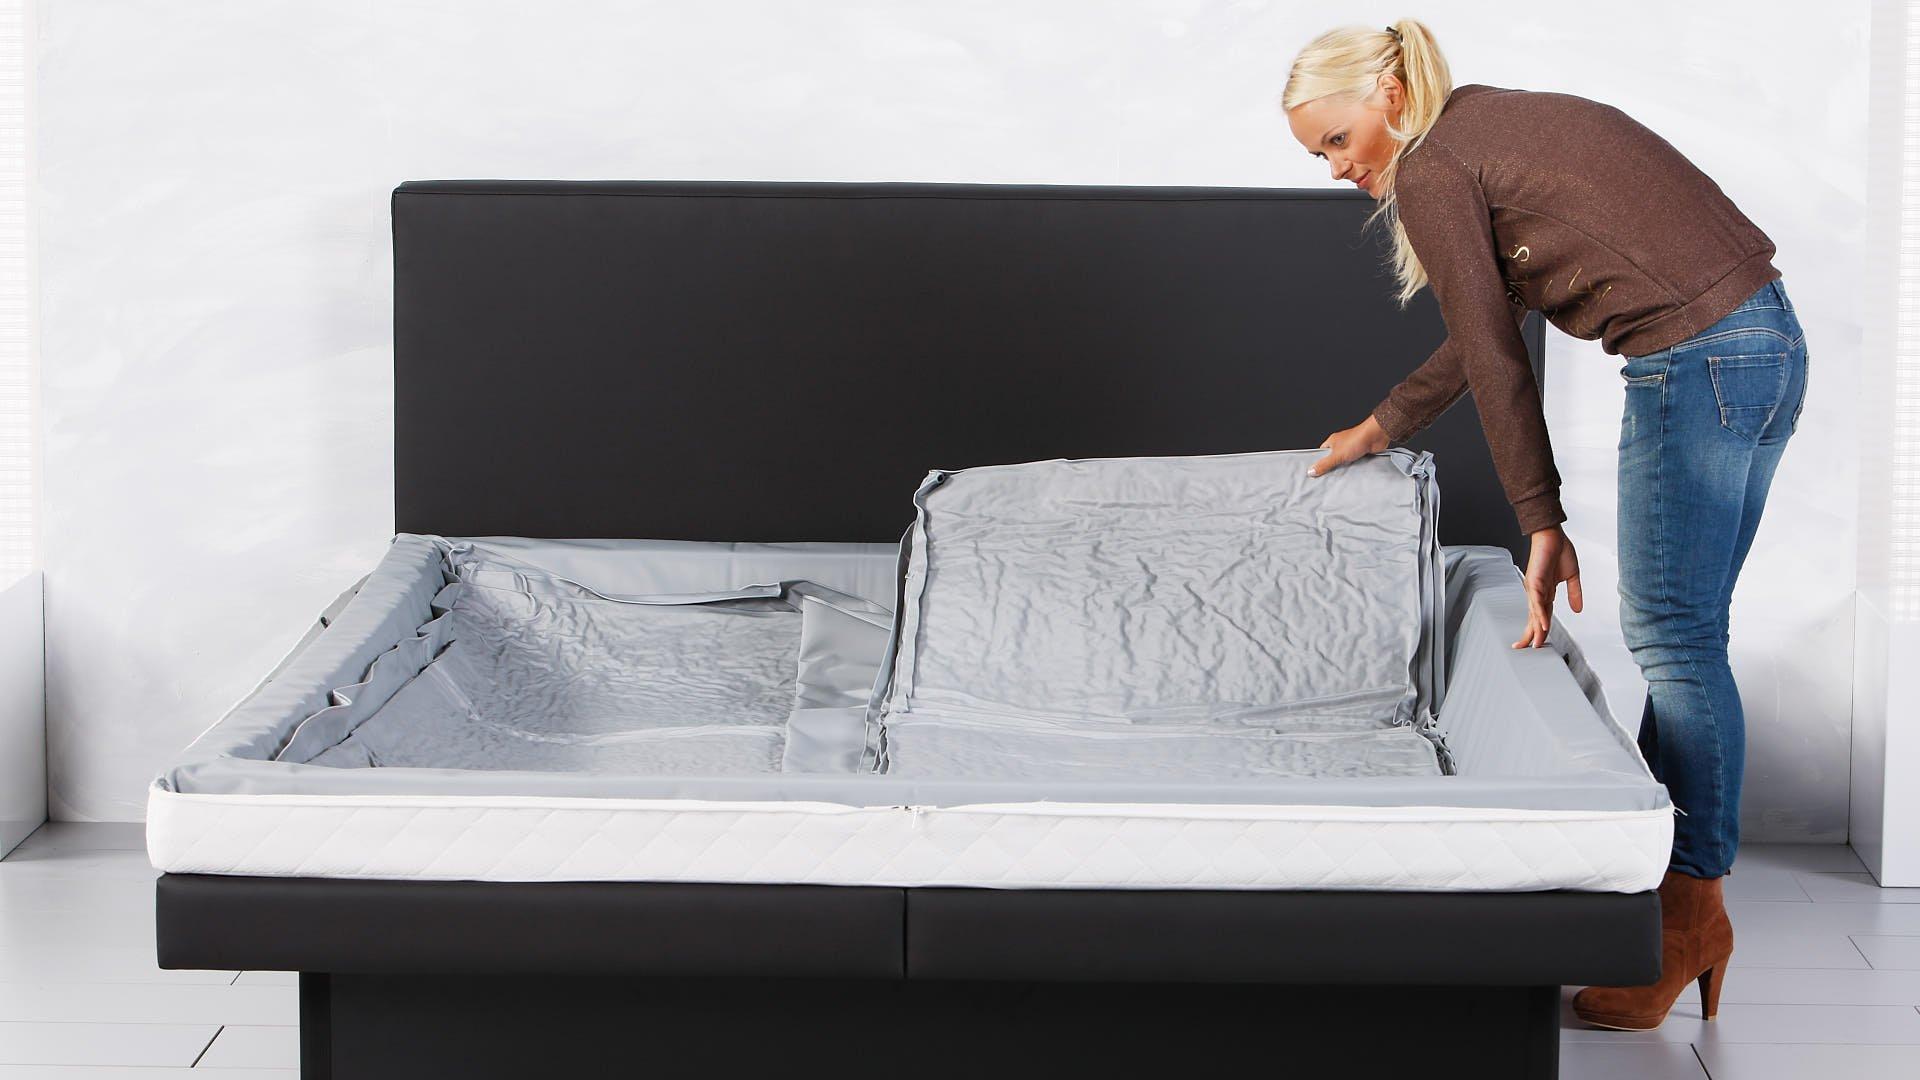 inleggen van een watermatras voor een waterbed duo